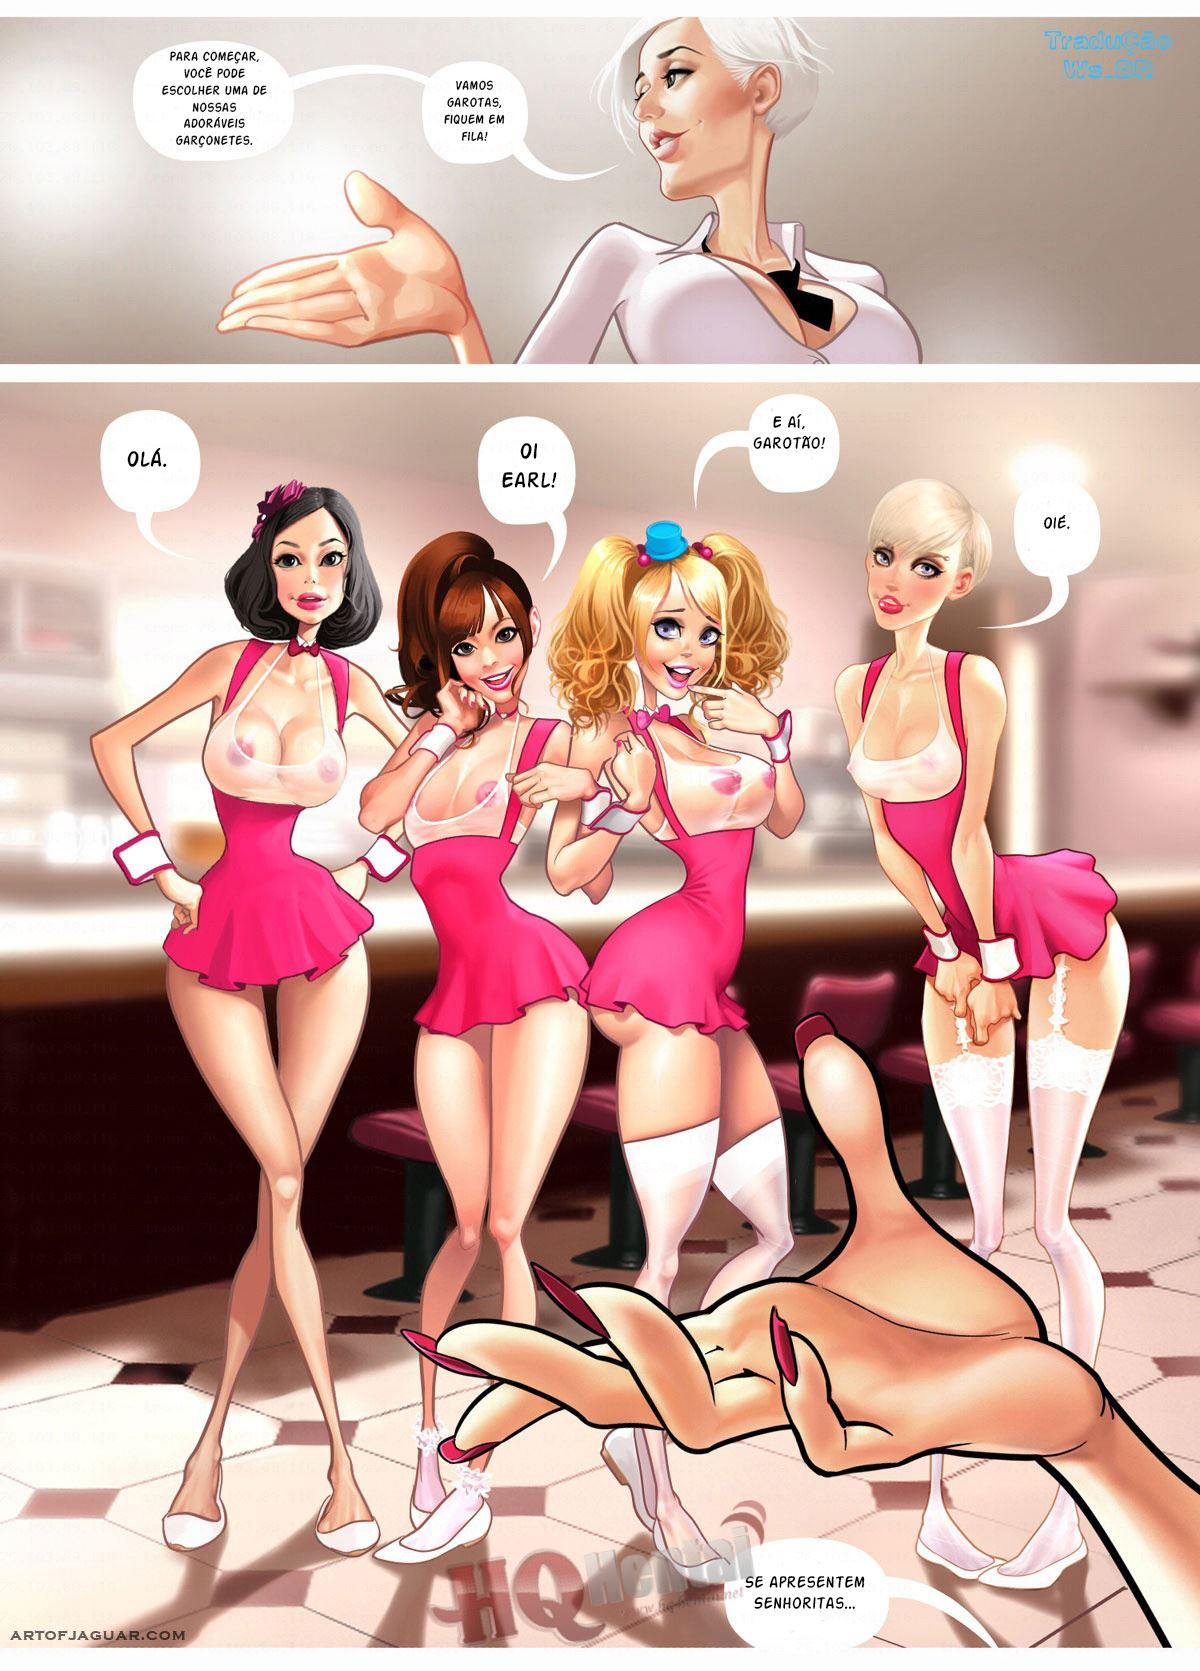 Coochies Sex Dinner – Novinhas Gostosas – Quadrinhos Eróticos